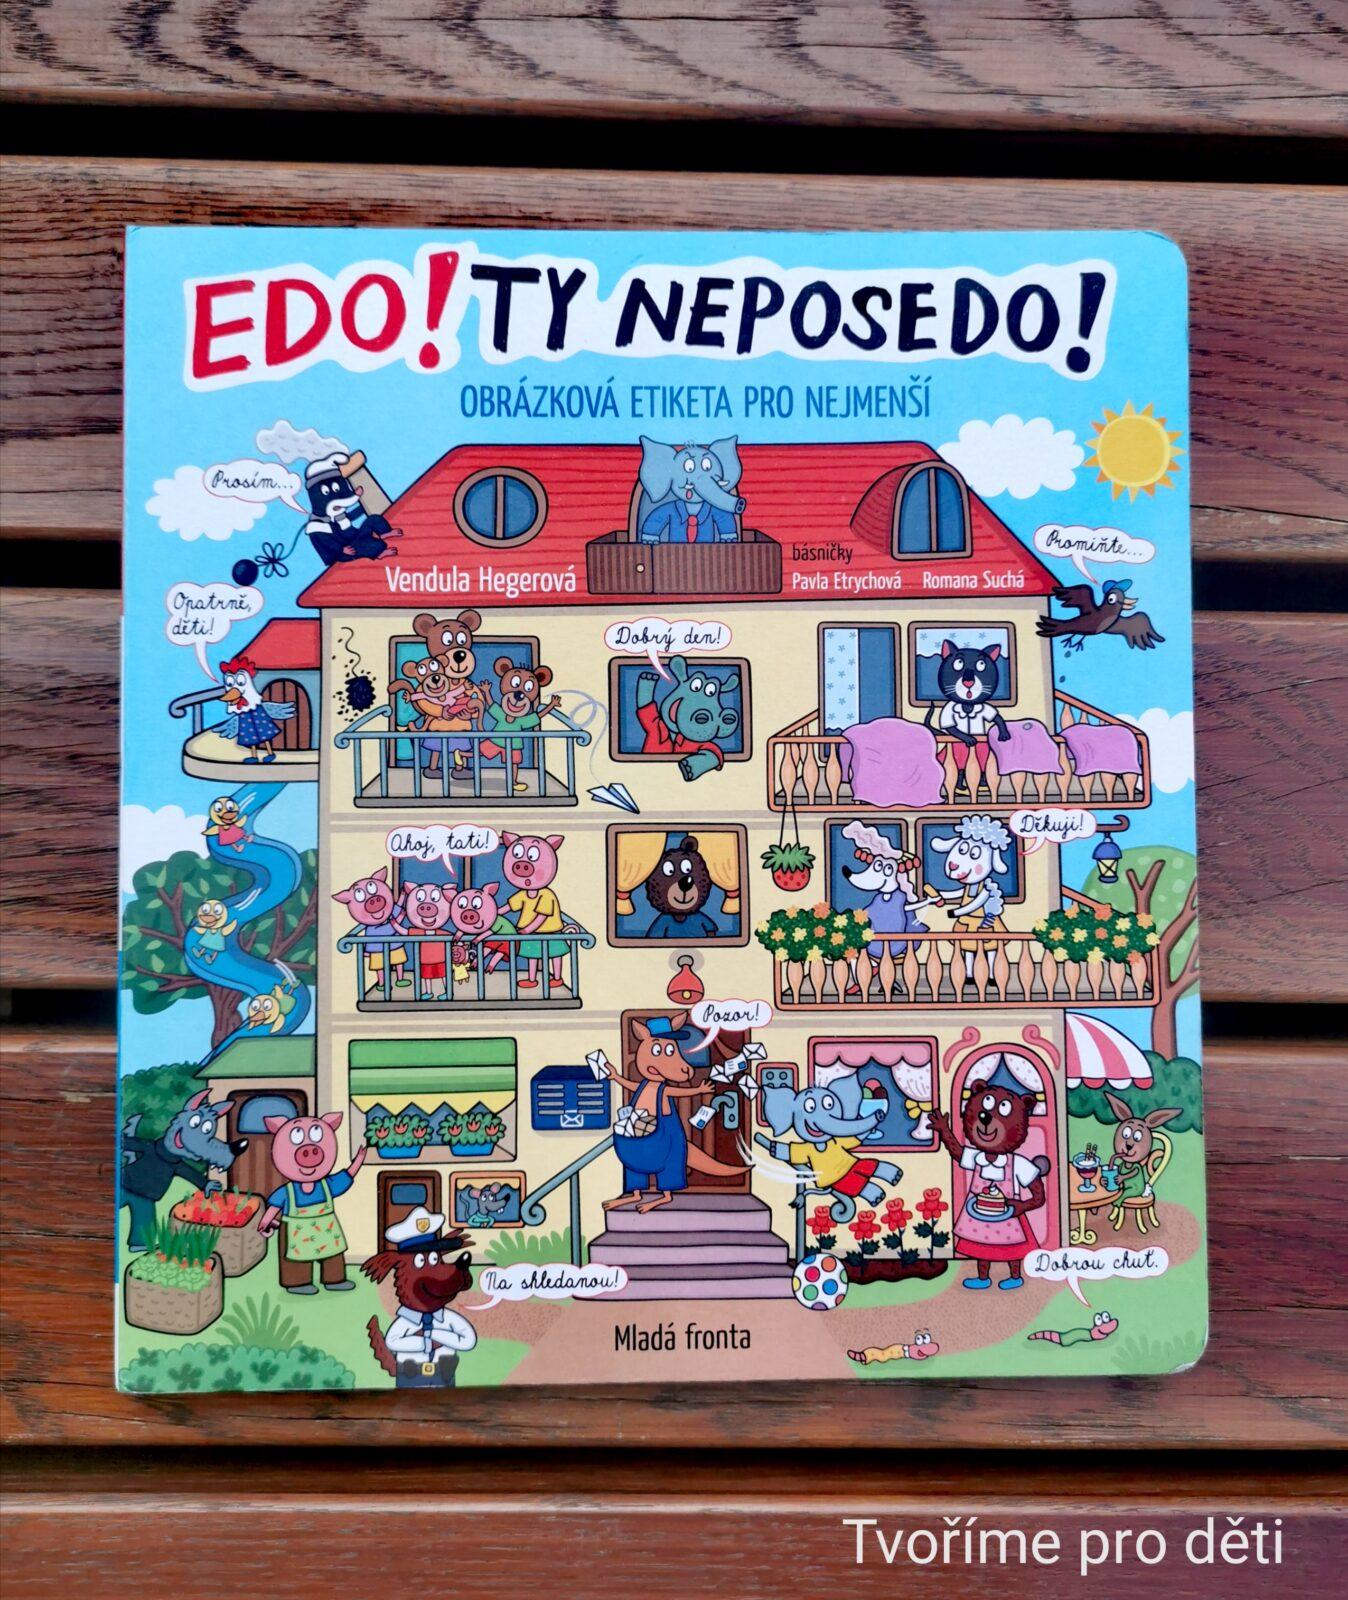 Pracovní listy: Edo! Ty neposedo!